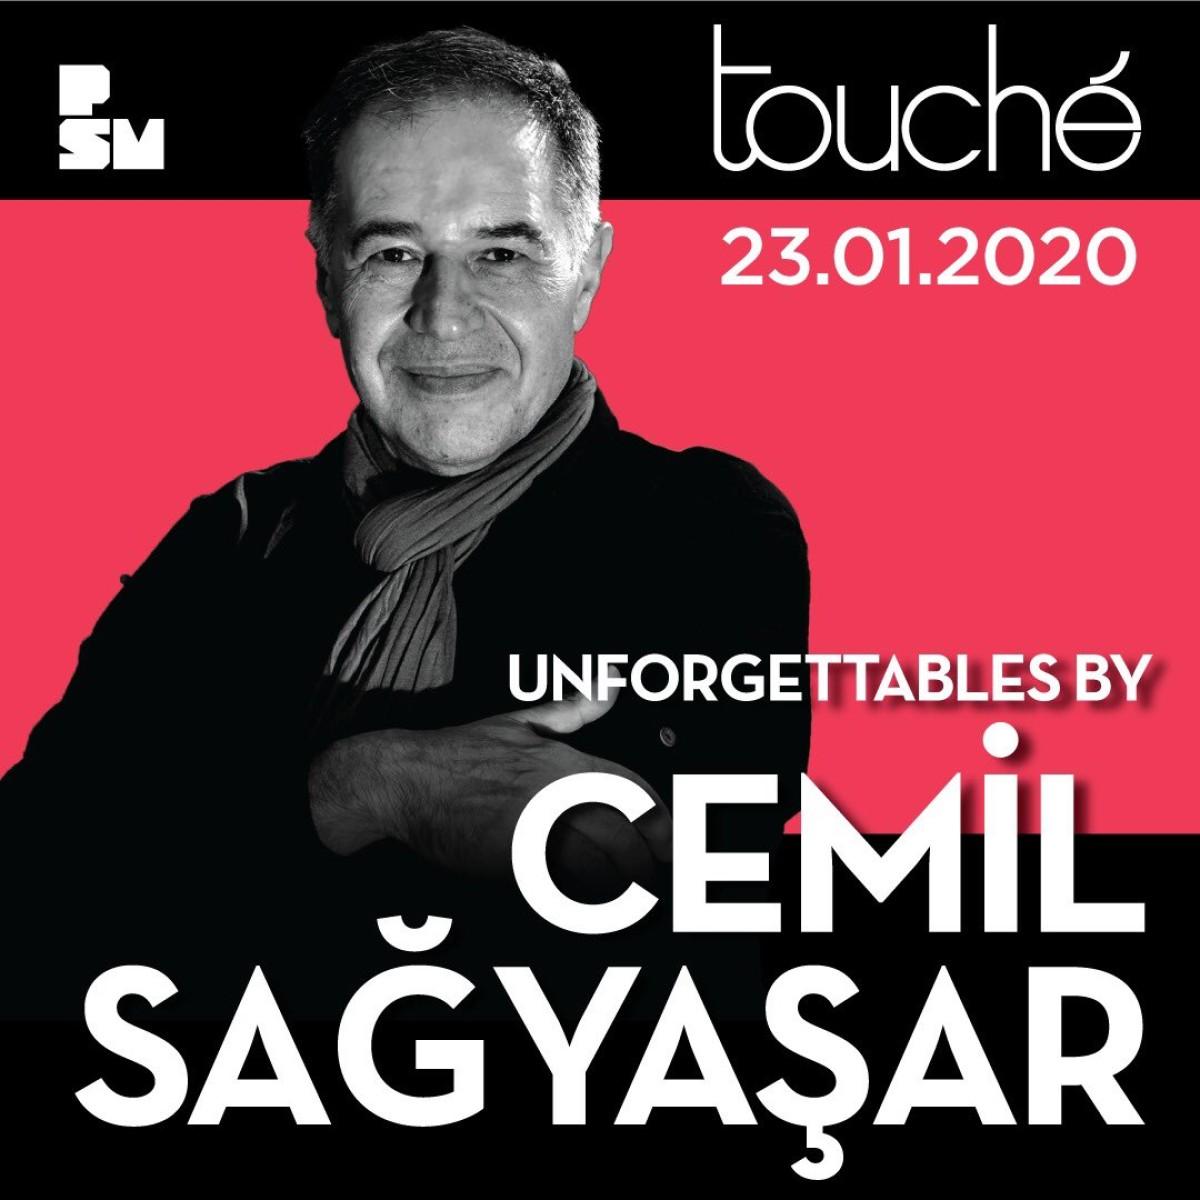 Cemil Sağyaşar 'Unforgettables by Cemil Sağyaşar'...